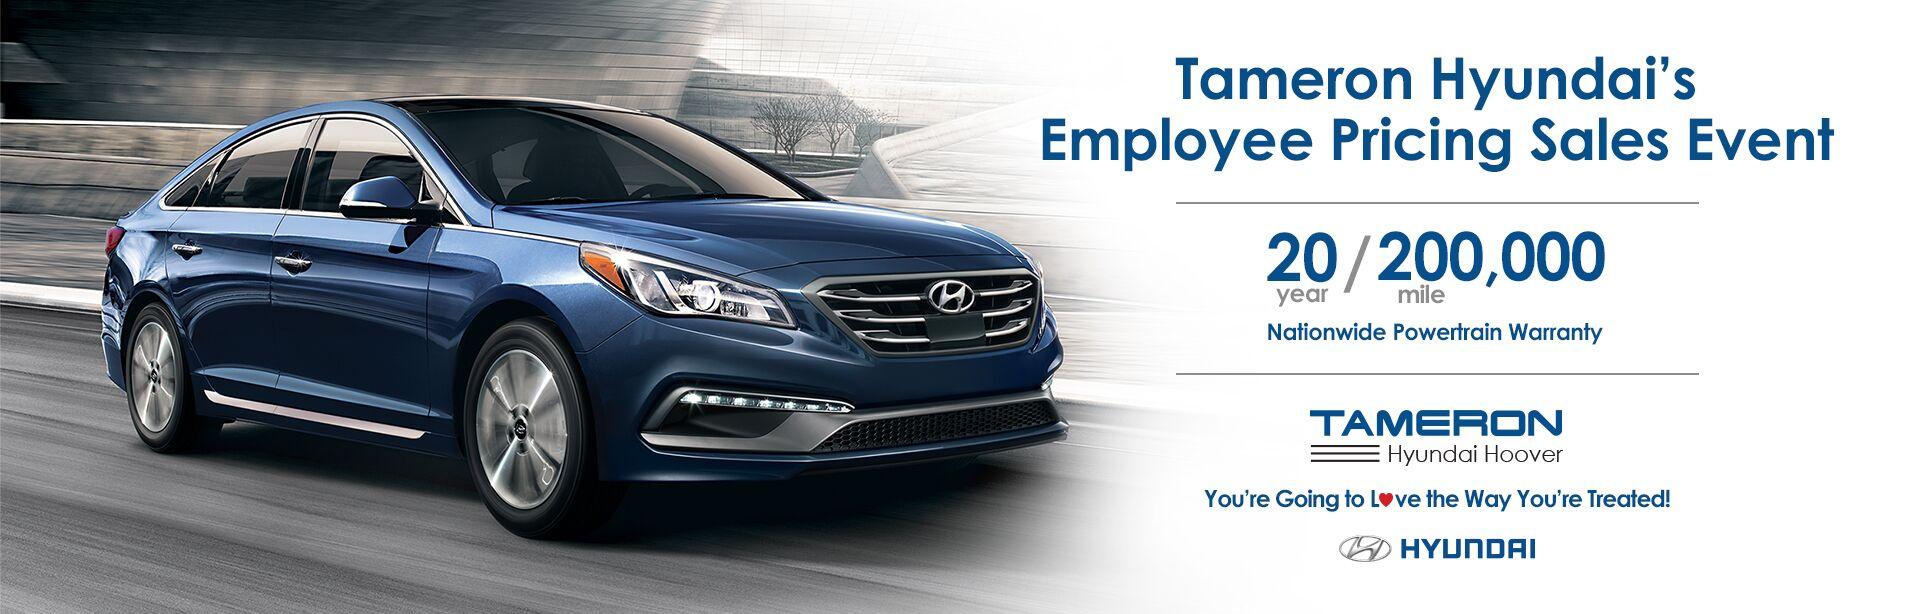 Tameron Hyundai Used Cars